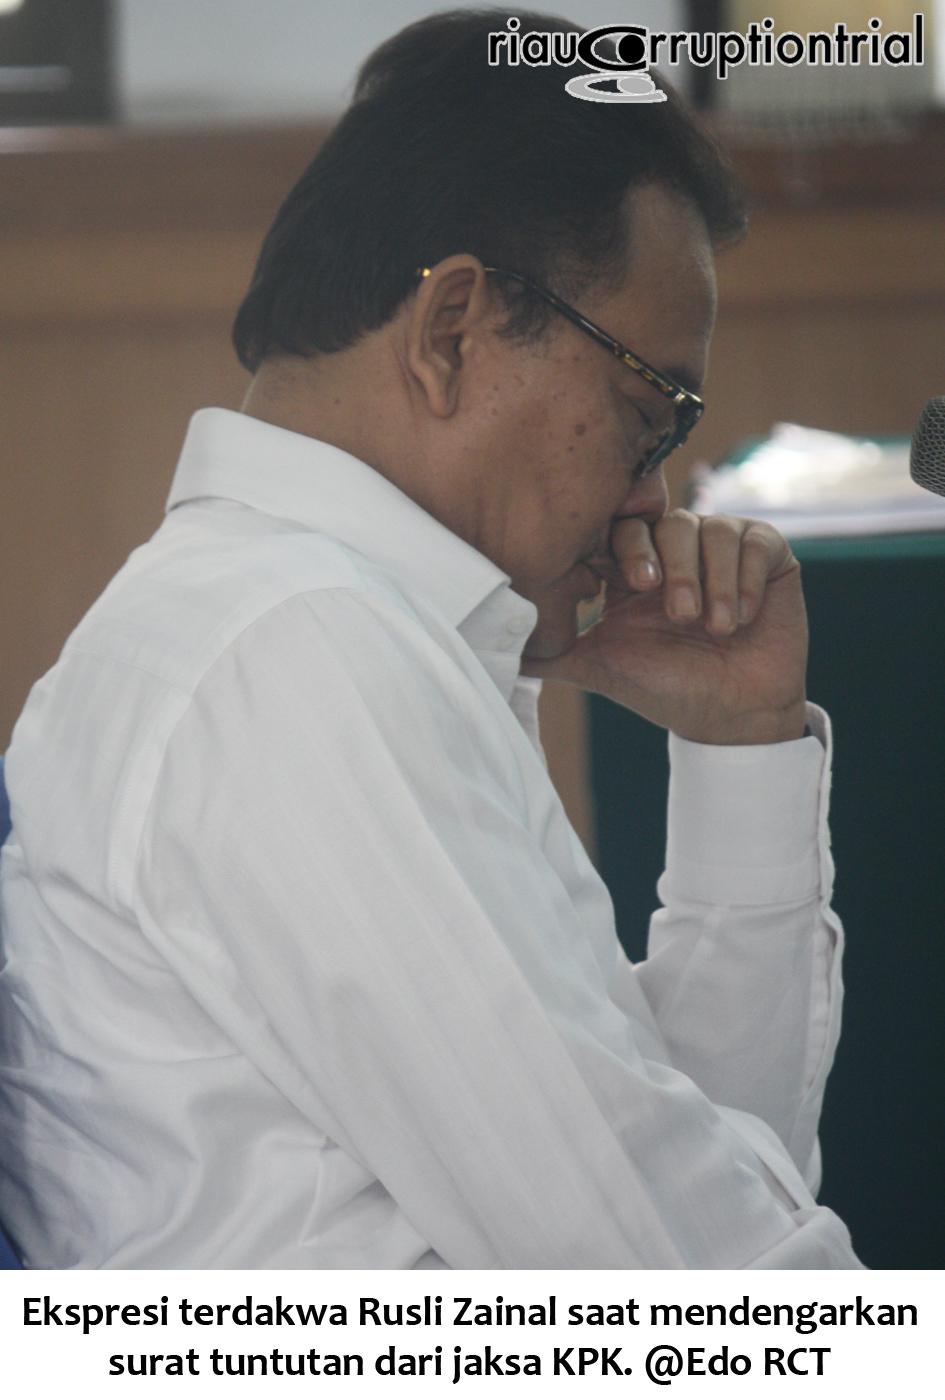 Ekspresi RZ saat mendengarkan surat tuntutan dari jaksa KPK